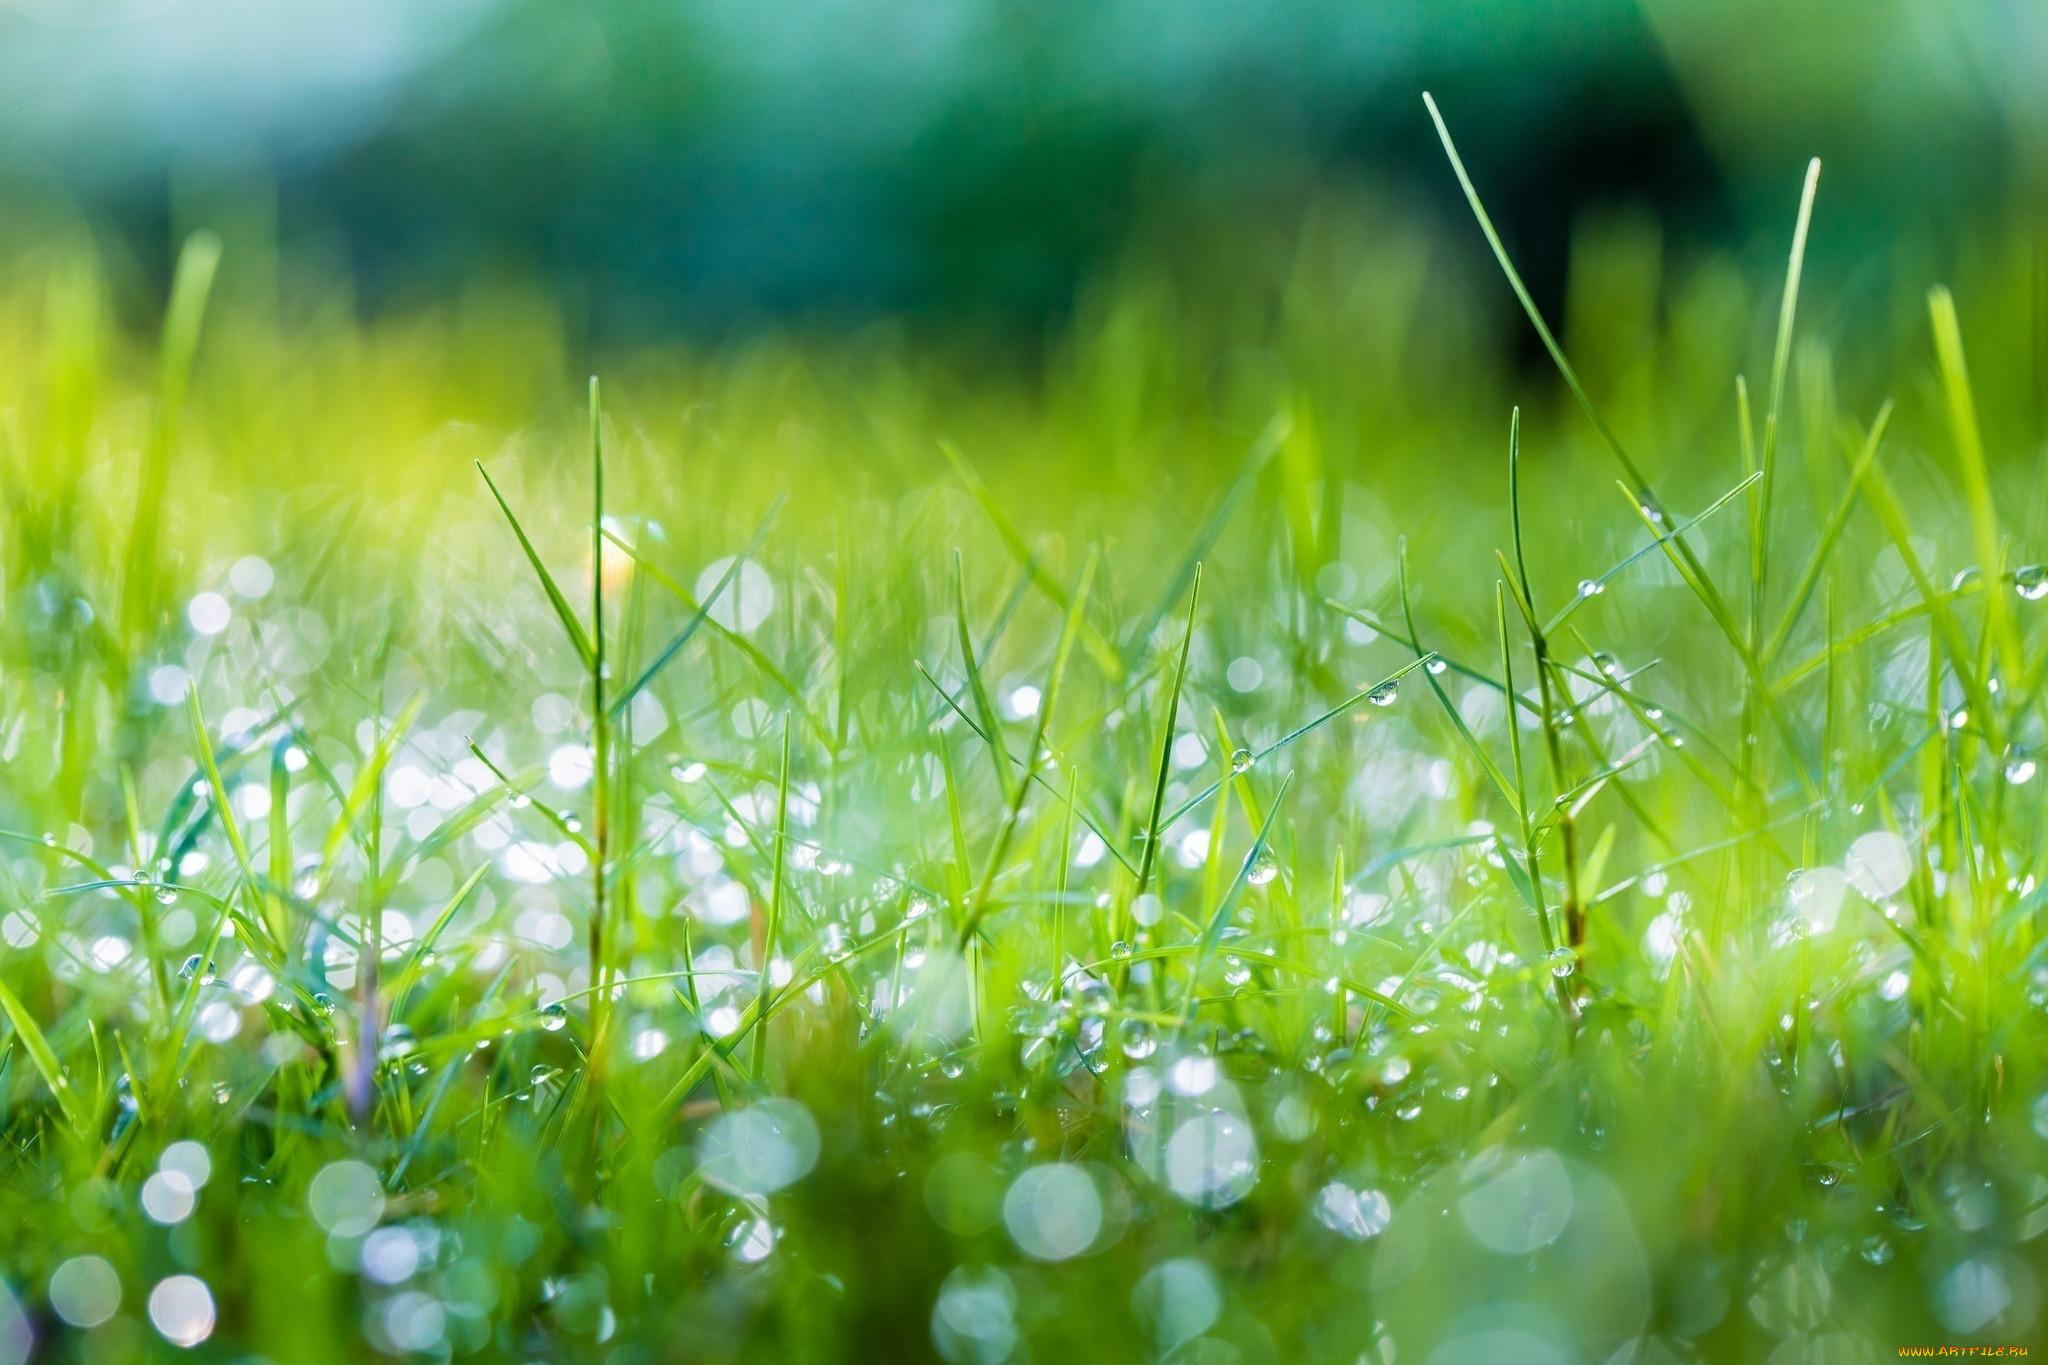 Картинки с травой и росой